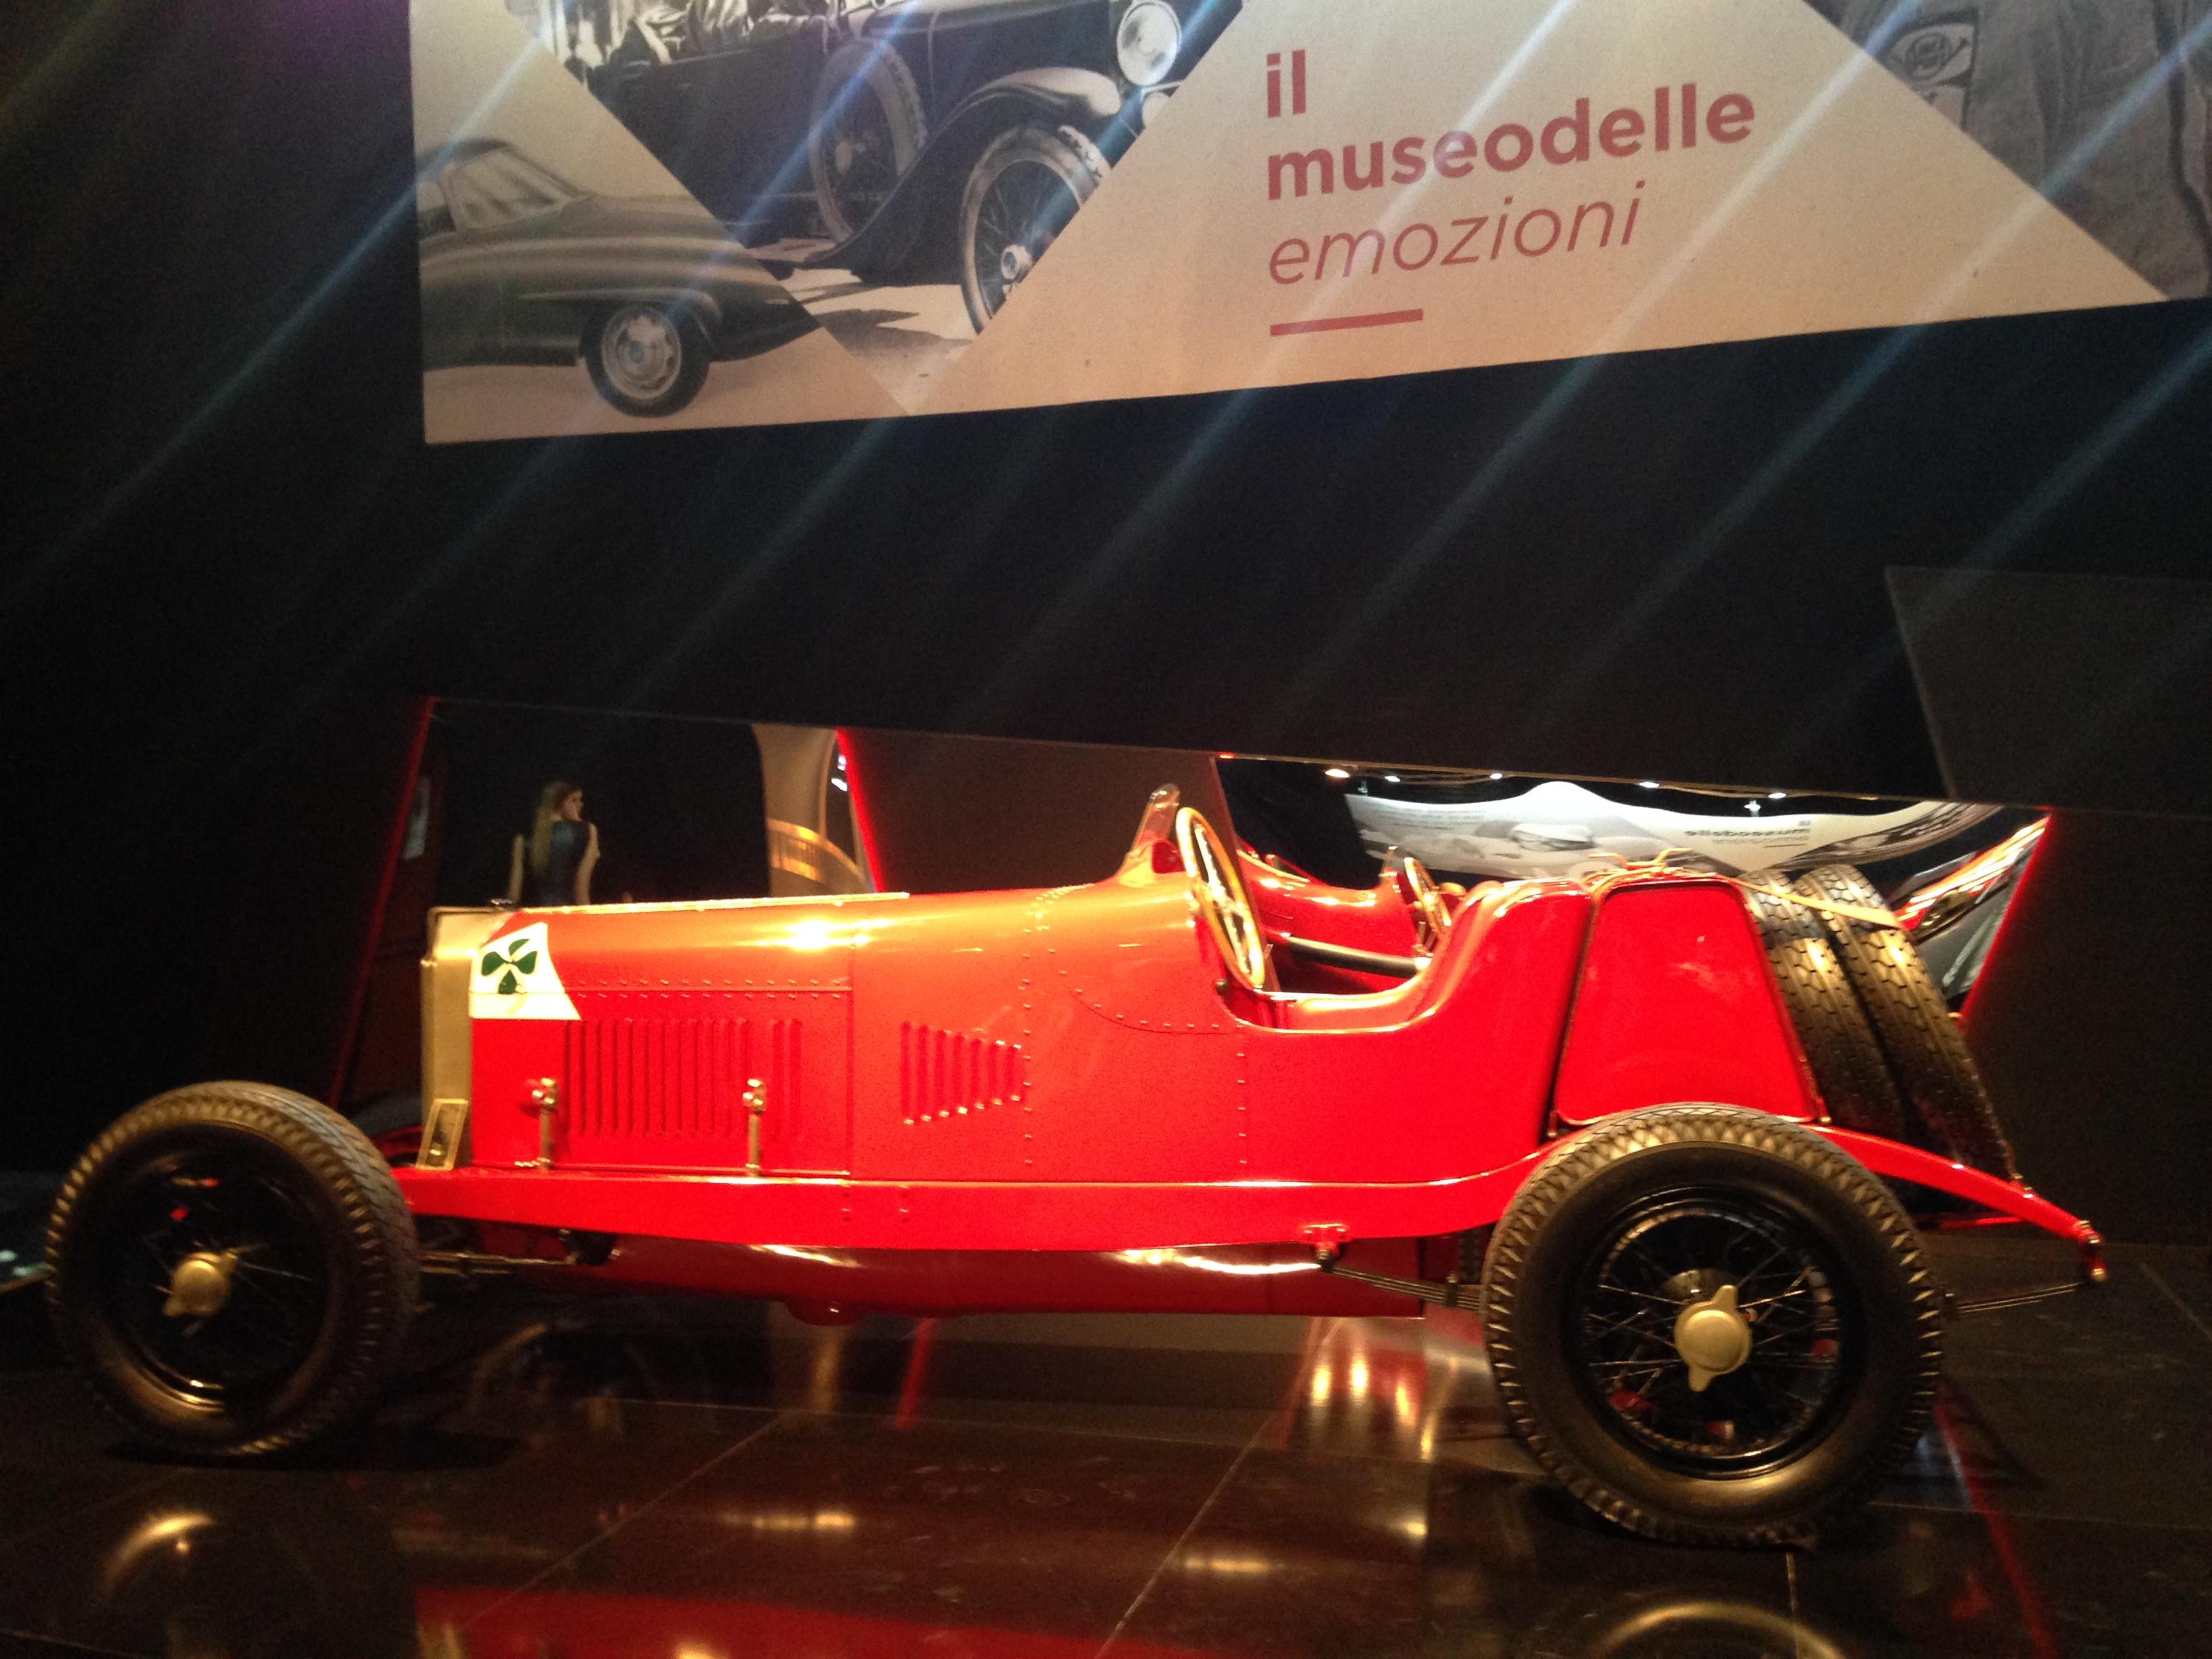 Alfa Romeo Il Museo Delle Emozioni Automitico (29)